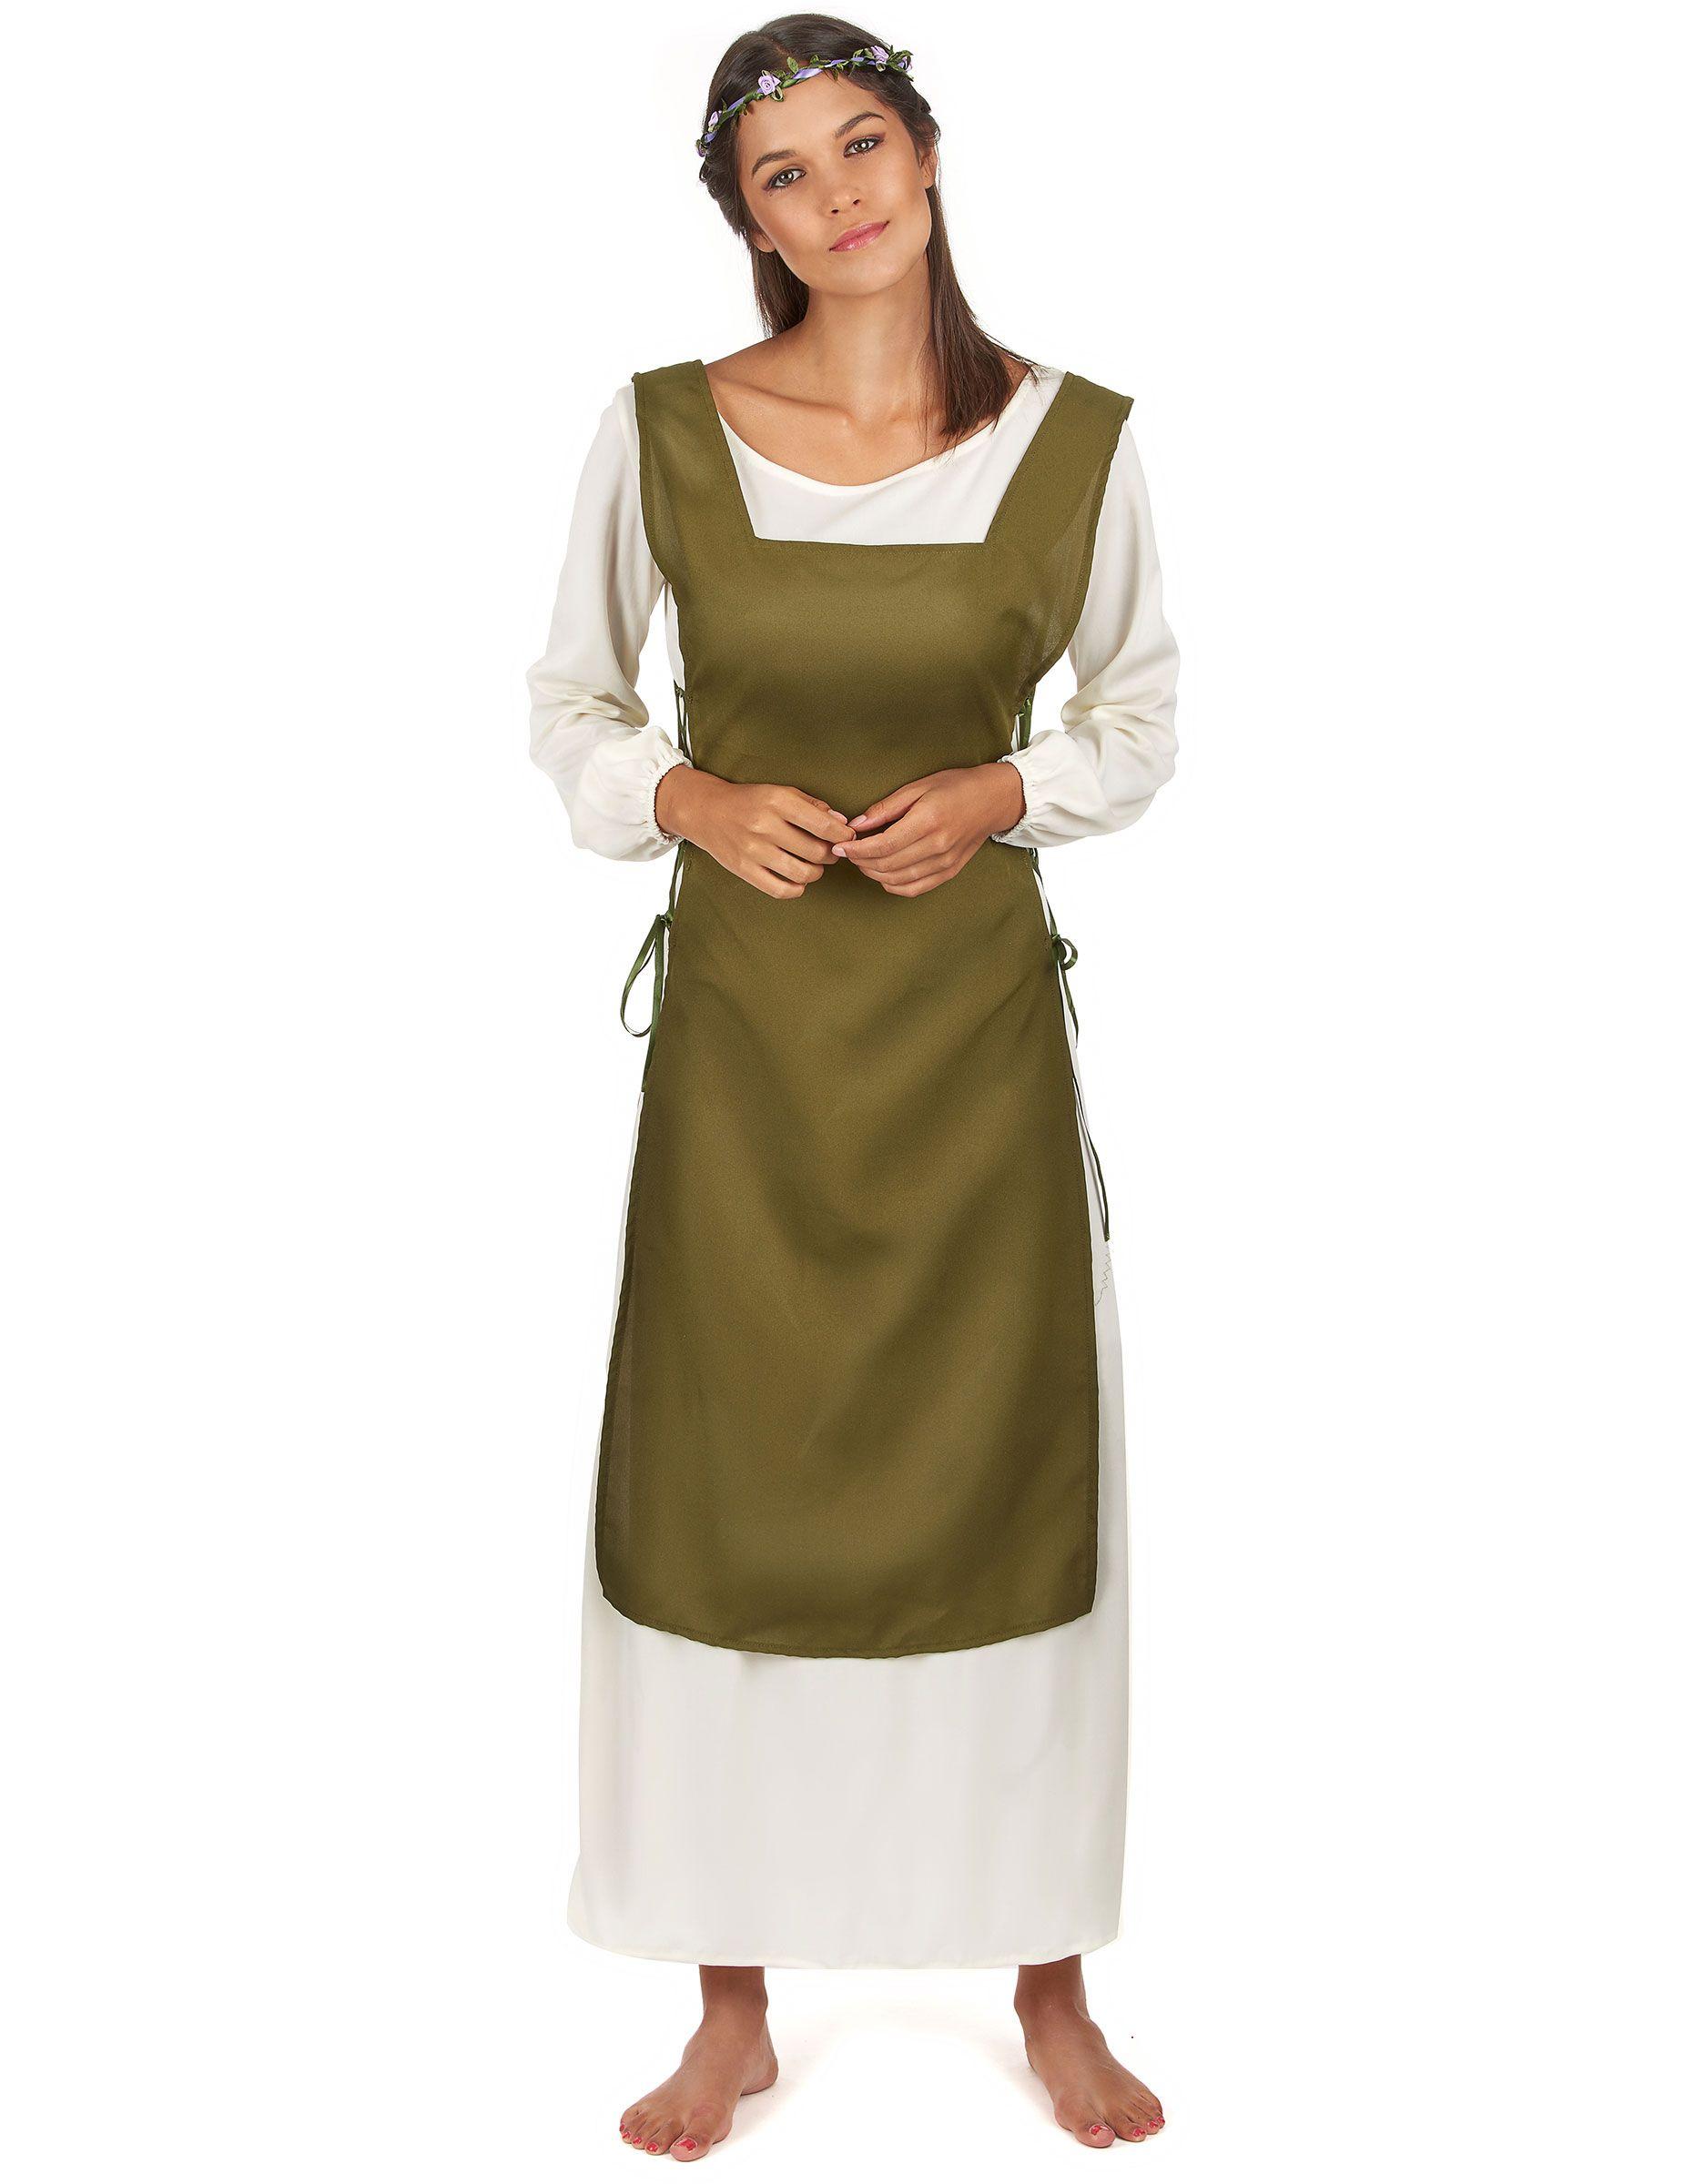 Déguisement paysanne médiévale  Ce déguisement de paysanne médiévale pour  femme est composé d\u0027une